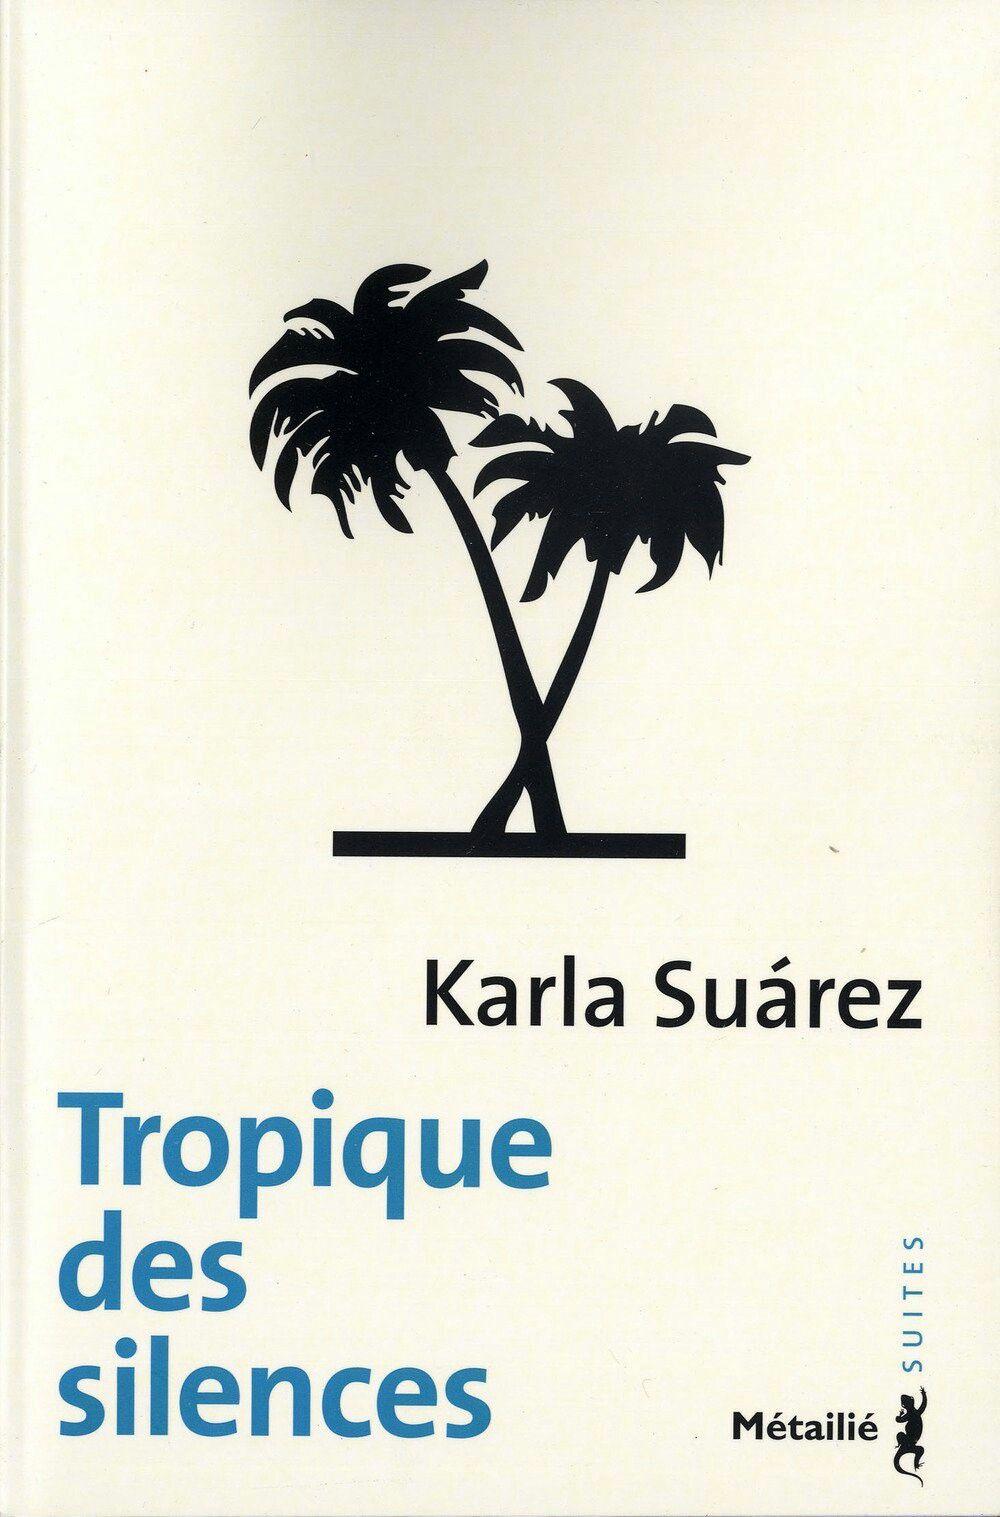 Tropique des silences - Karla Suárez - 219 p.